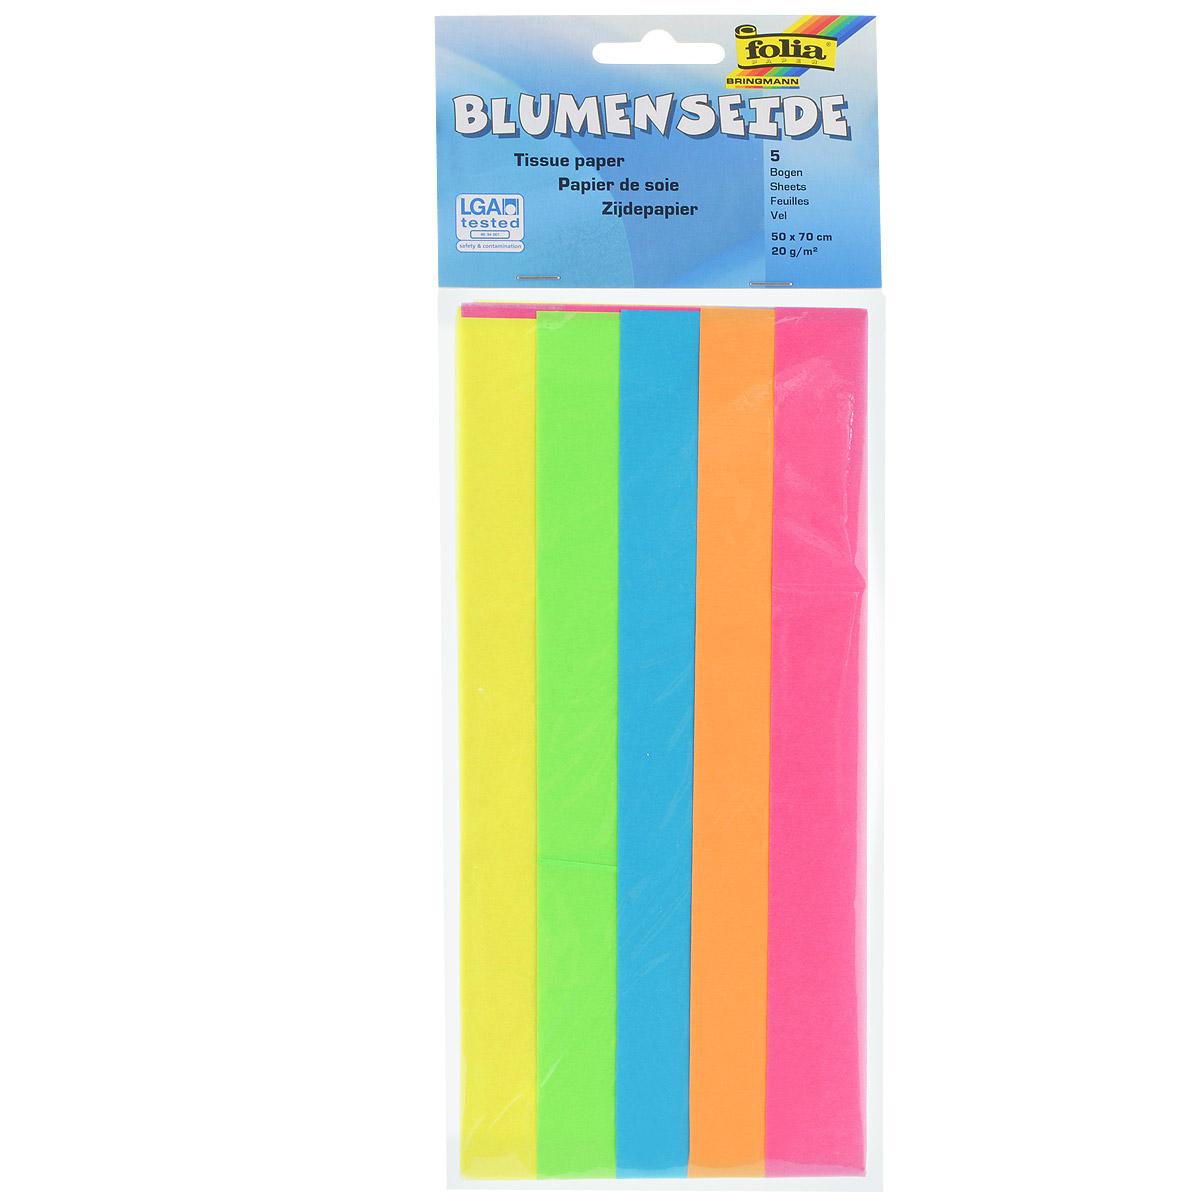 Бумага папиросная Folia, 50 х 70 см, 5 листов. 770813497775318Бумага папиросная Folia - это великолепная тонкая и эластичная декоративная бумага. Такая бумага очень хороша для изготовления своими руками цветов и букетов с конфетами, топиариев, декорирования праздничных мероприятий. Также из нее получается шикарная упаковка для подарков. Интересный эффект дает сочетание мягкой полупрозрачной фактуры папиросной бумаги с жатыми и матовыми фактурами: креп-бумагой, тутовой и различными видами картона. Бумага очень тонкая, полупрозрачная - поэтому ее можно оригинально использовать в декоре стекла, светильников и гирлянд. В комплекте - 5 листов разных ярких цветов (розовый, оранжевый, голубой, салатовый, желтый).Достаточно большие размеры листа и богатая цветовая палитра дают простор вашей творческой фантазии.Размер листа: 50 см х 70 см.Плотность: 20 г/м2.